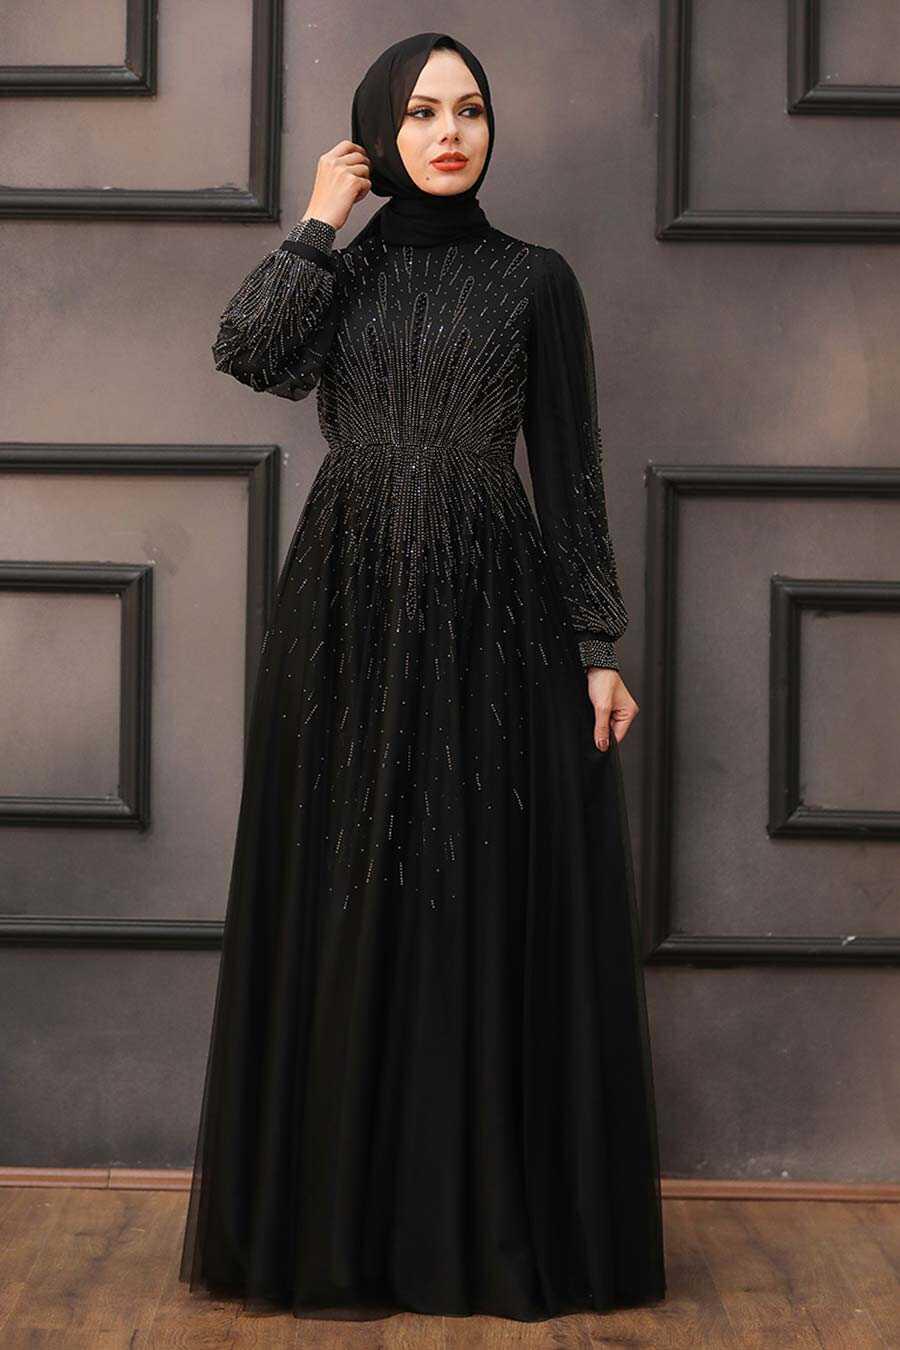 Black Hijab Evening Dress 22021S